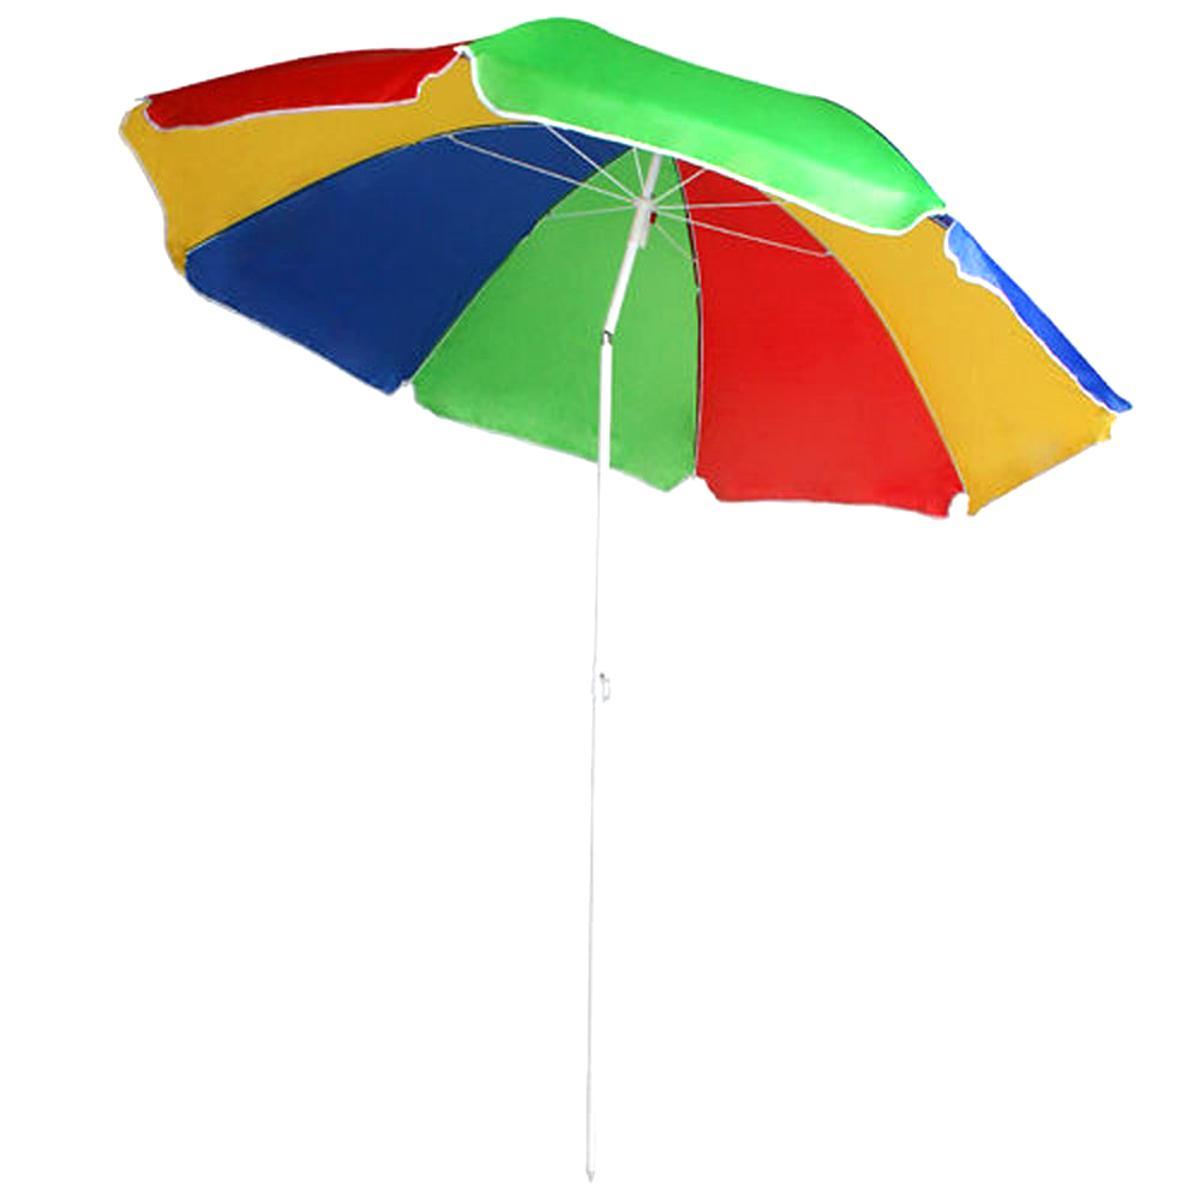 Parasol Doccasion Plus Que 2 à 75